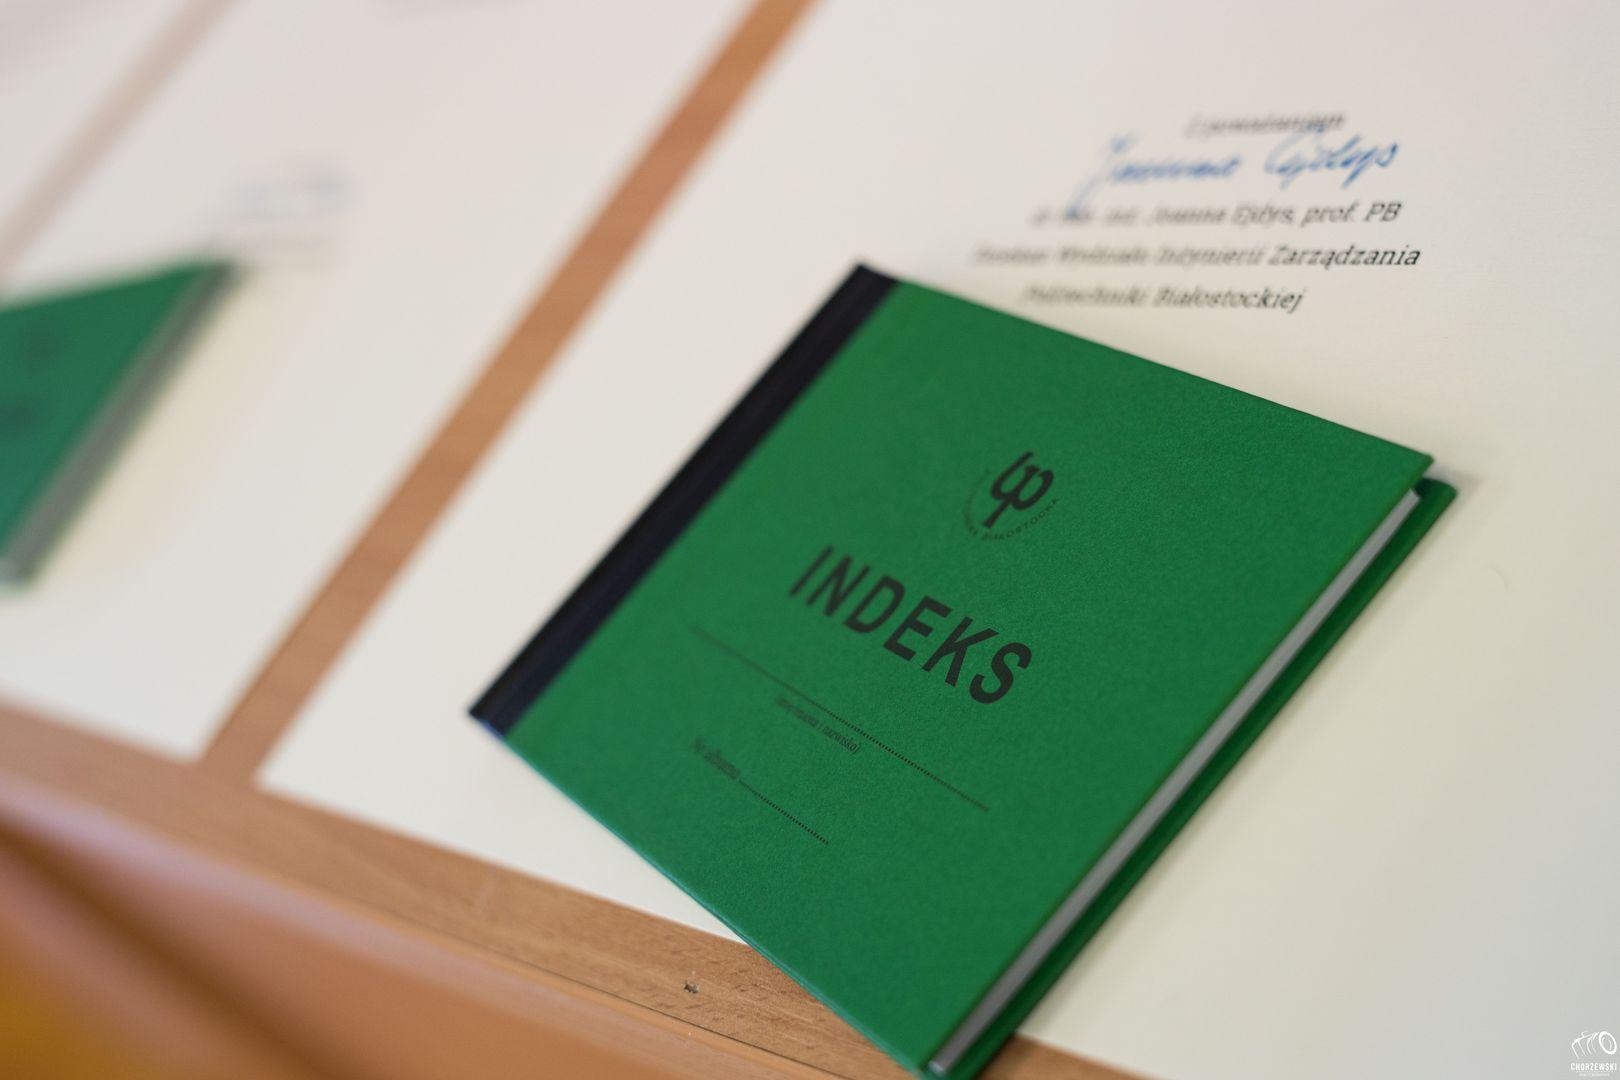 Zielony indeks leży na blacie stołu